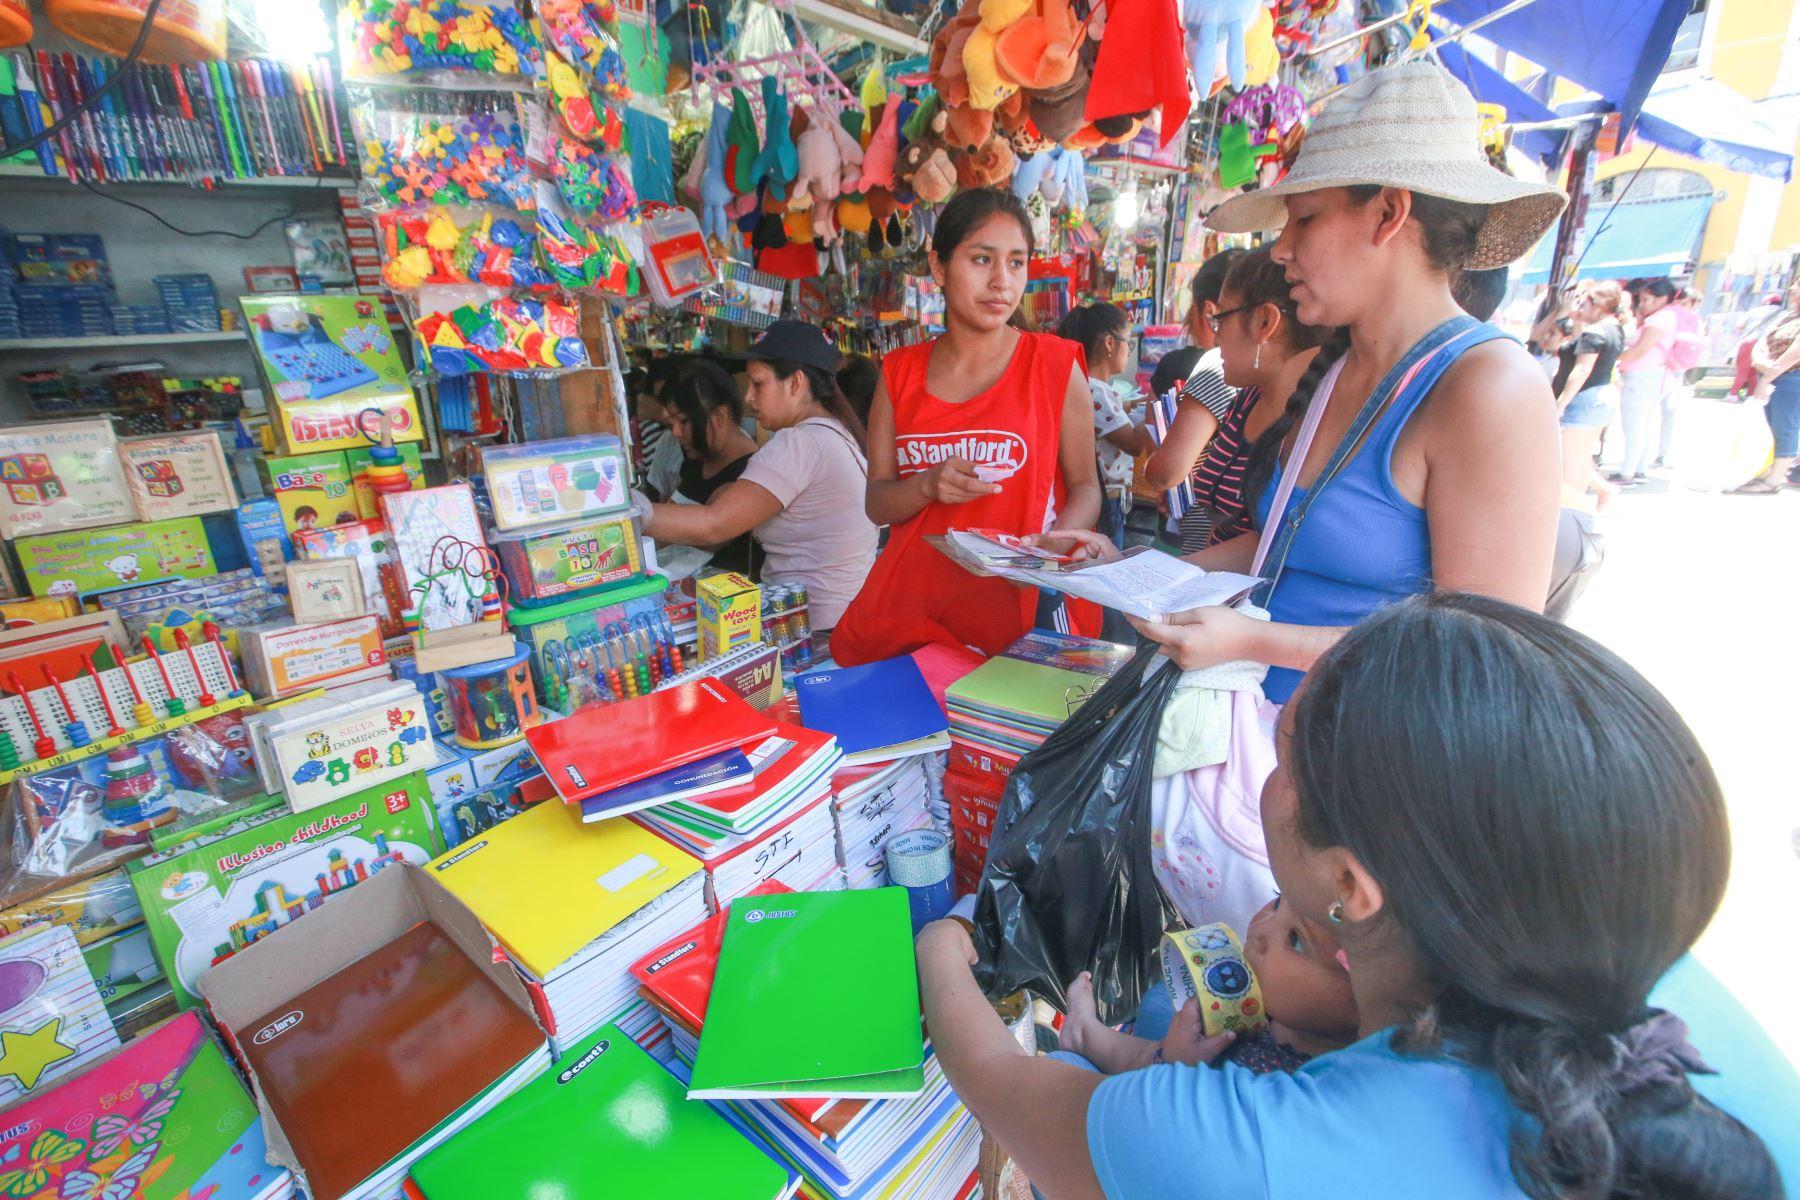 Bajo el intenso sol del verano, los padres acuden a los centros comerciales en busca de los materiales educativos para sus hijos. Foto: ANDINA/ Jhony Laurente